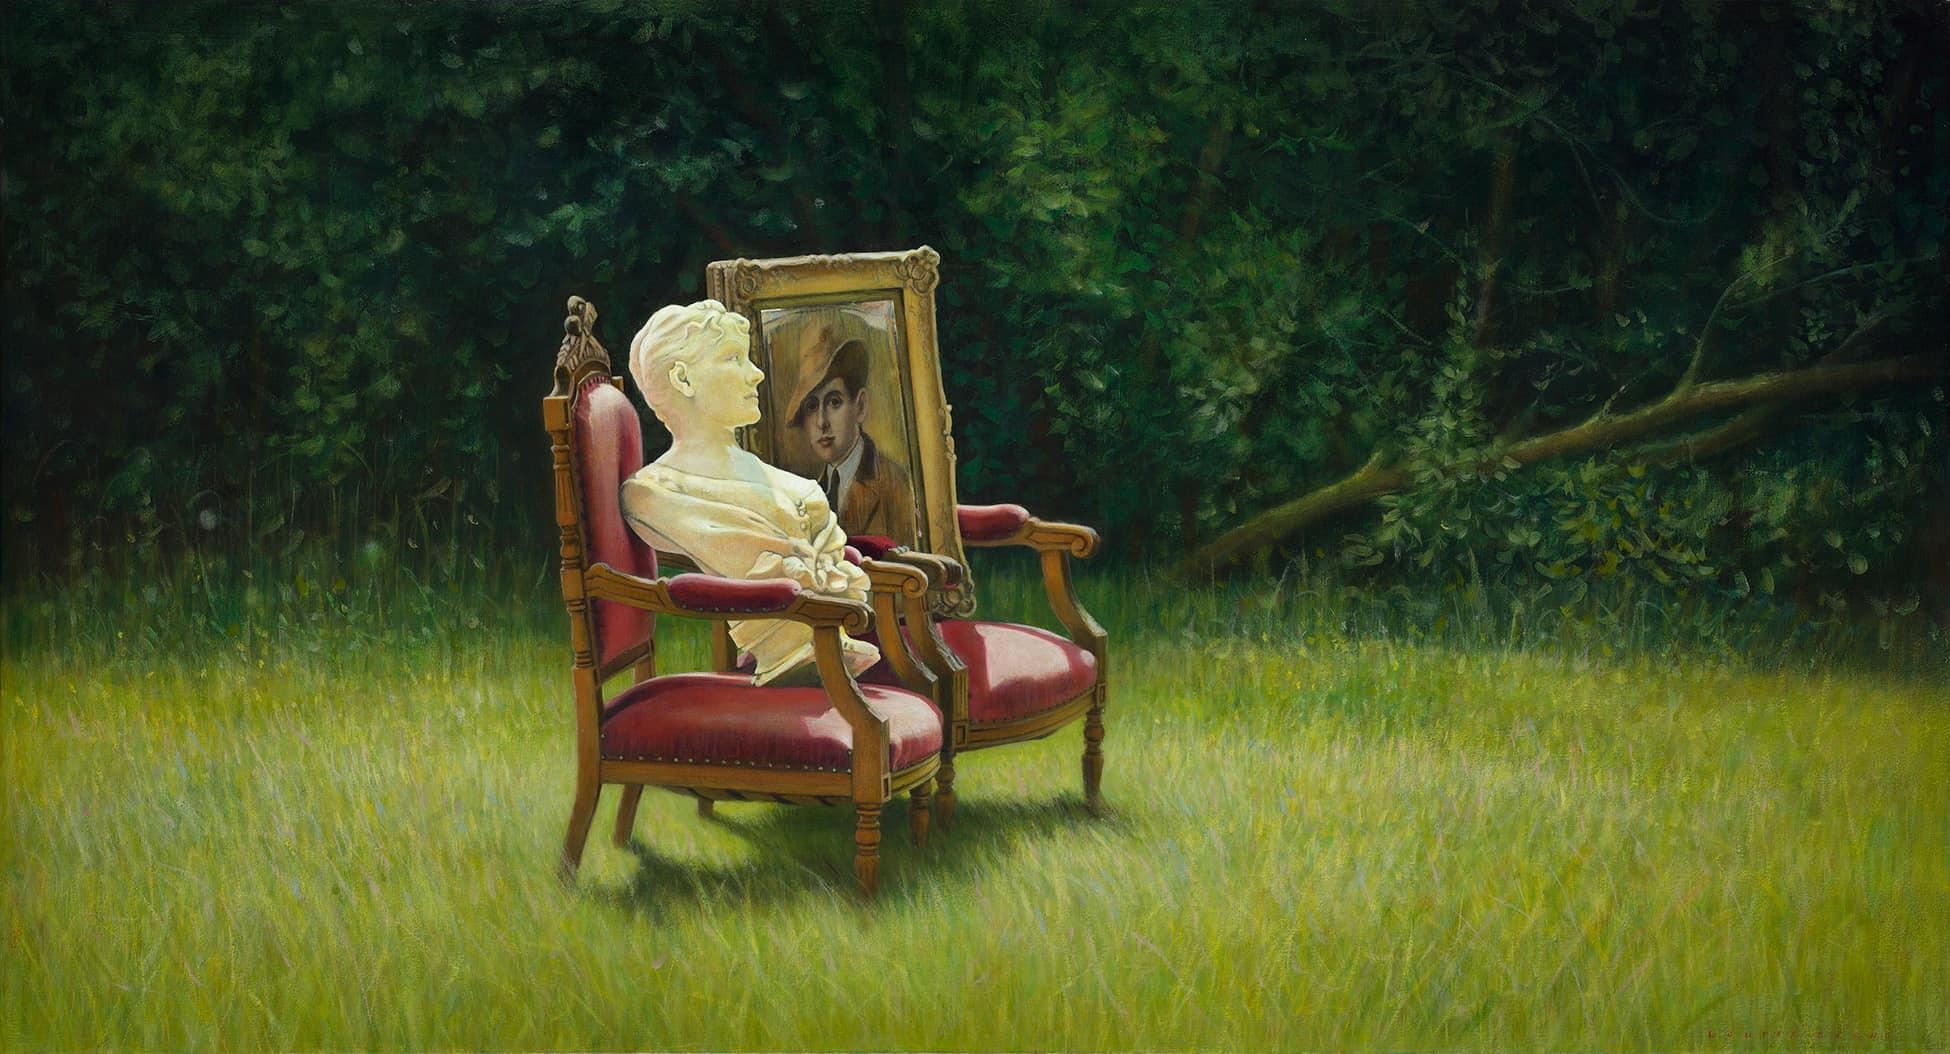 Wouter Berns, Les amants reunis, 65 x 120 cm, acryl op doek